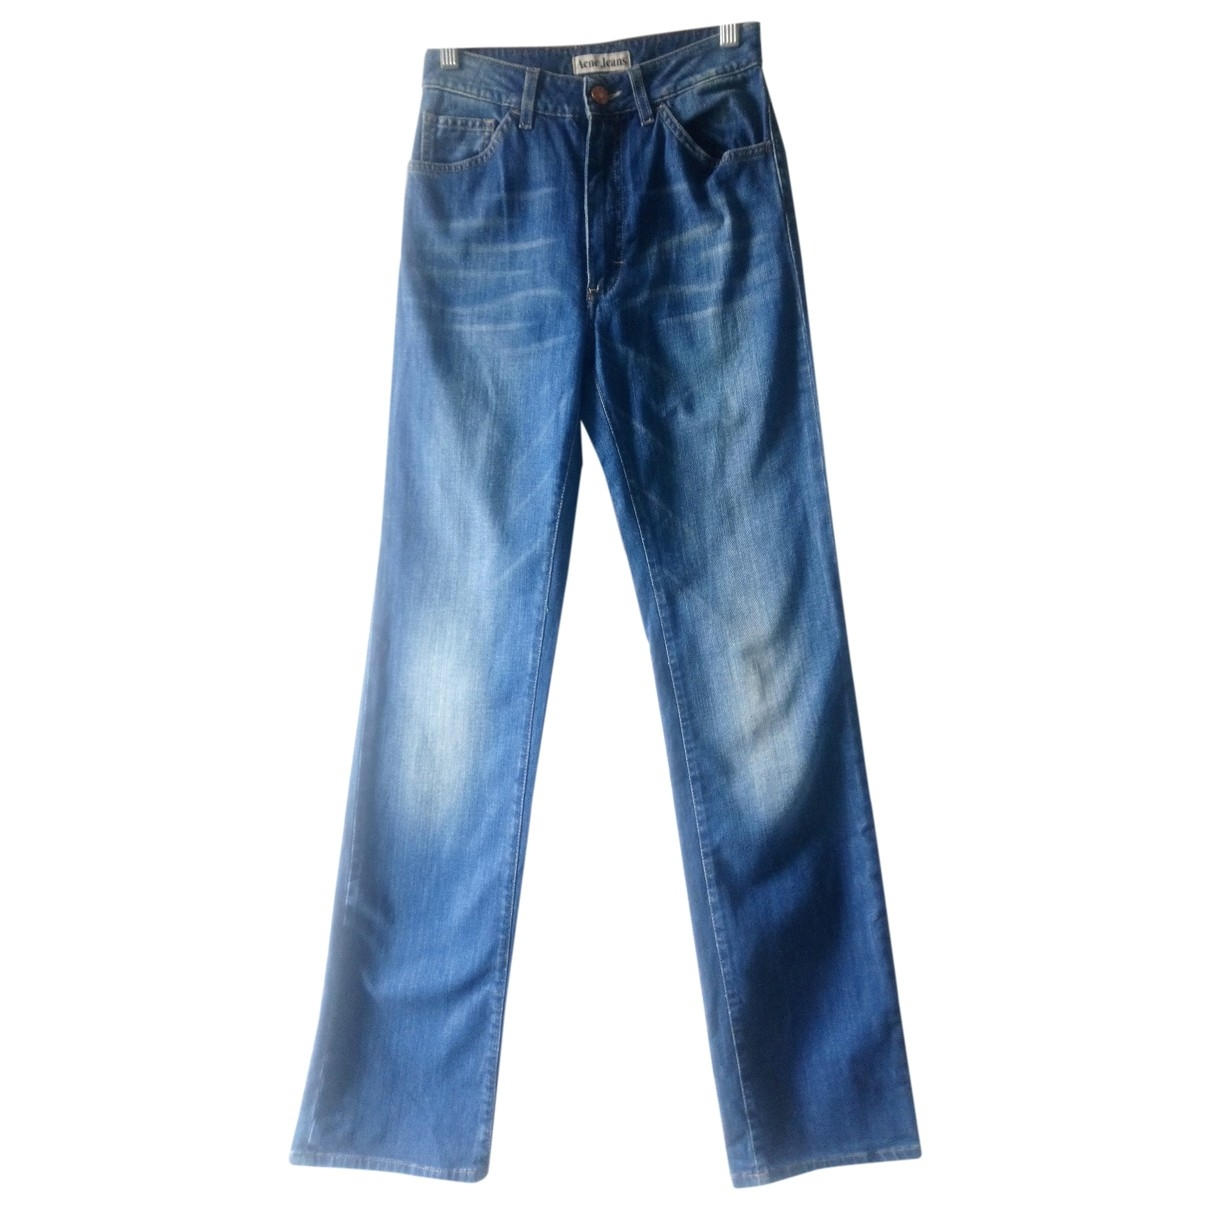 Acne Studios \N Blue Cotton Jeans for Women 36 FR